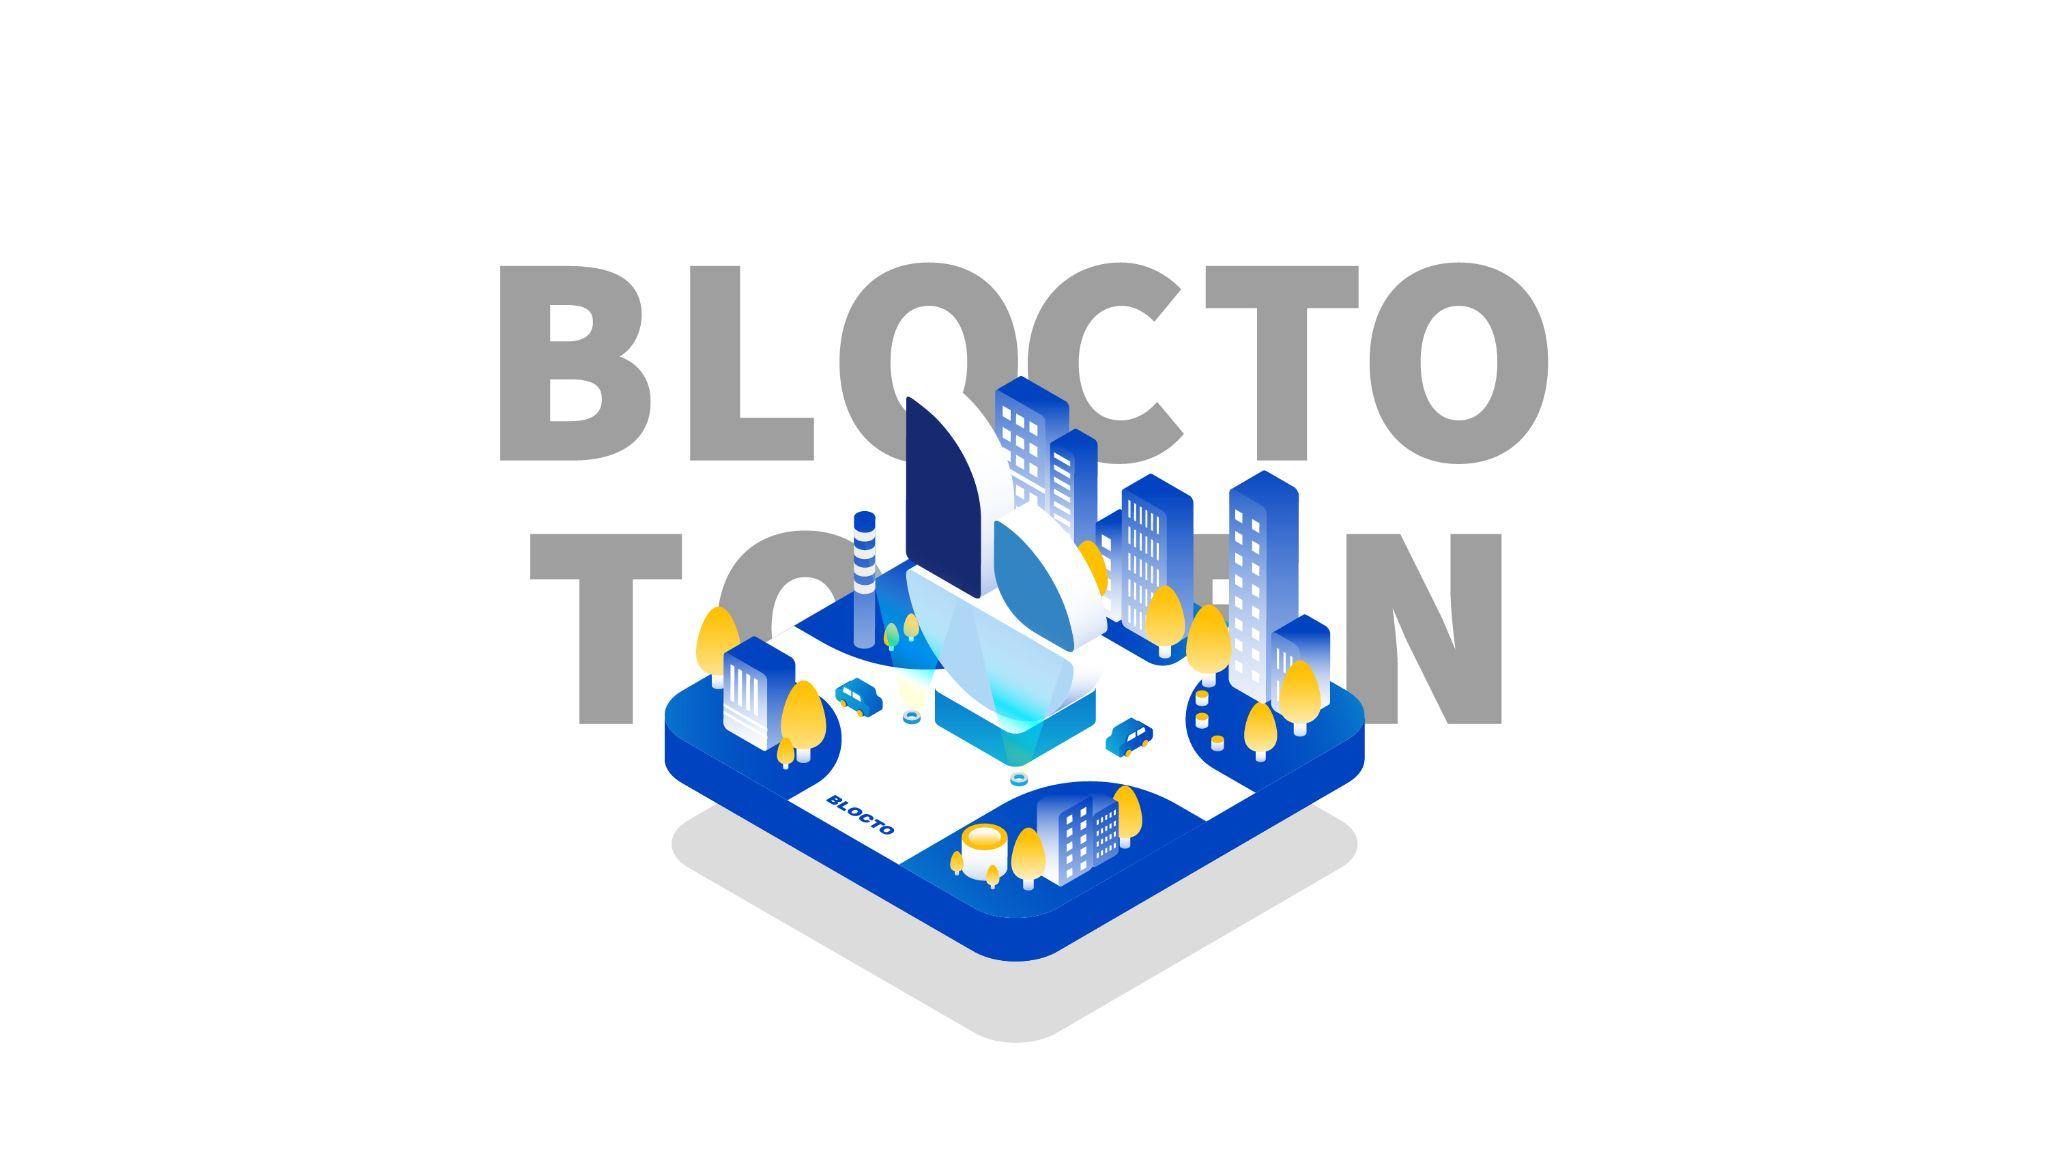 blocto-nft-marketplace